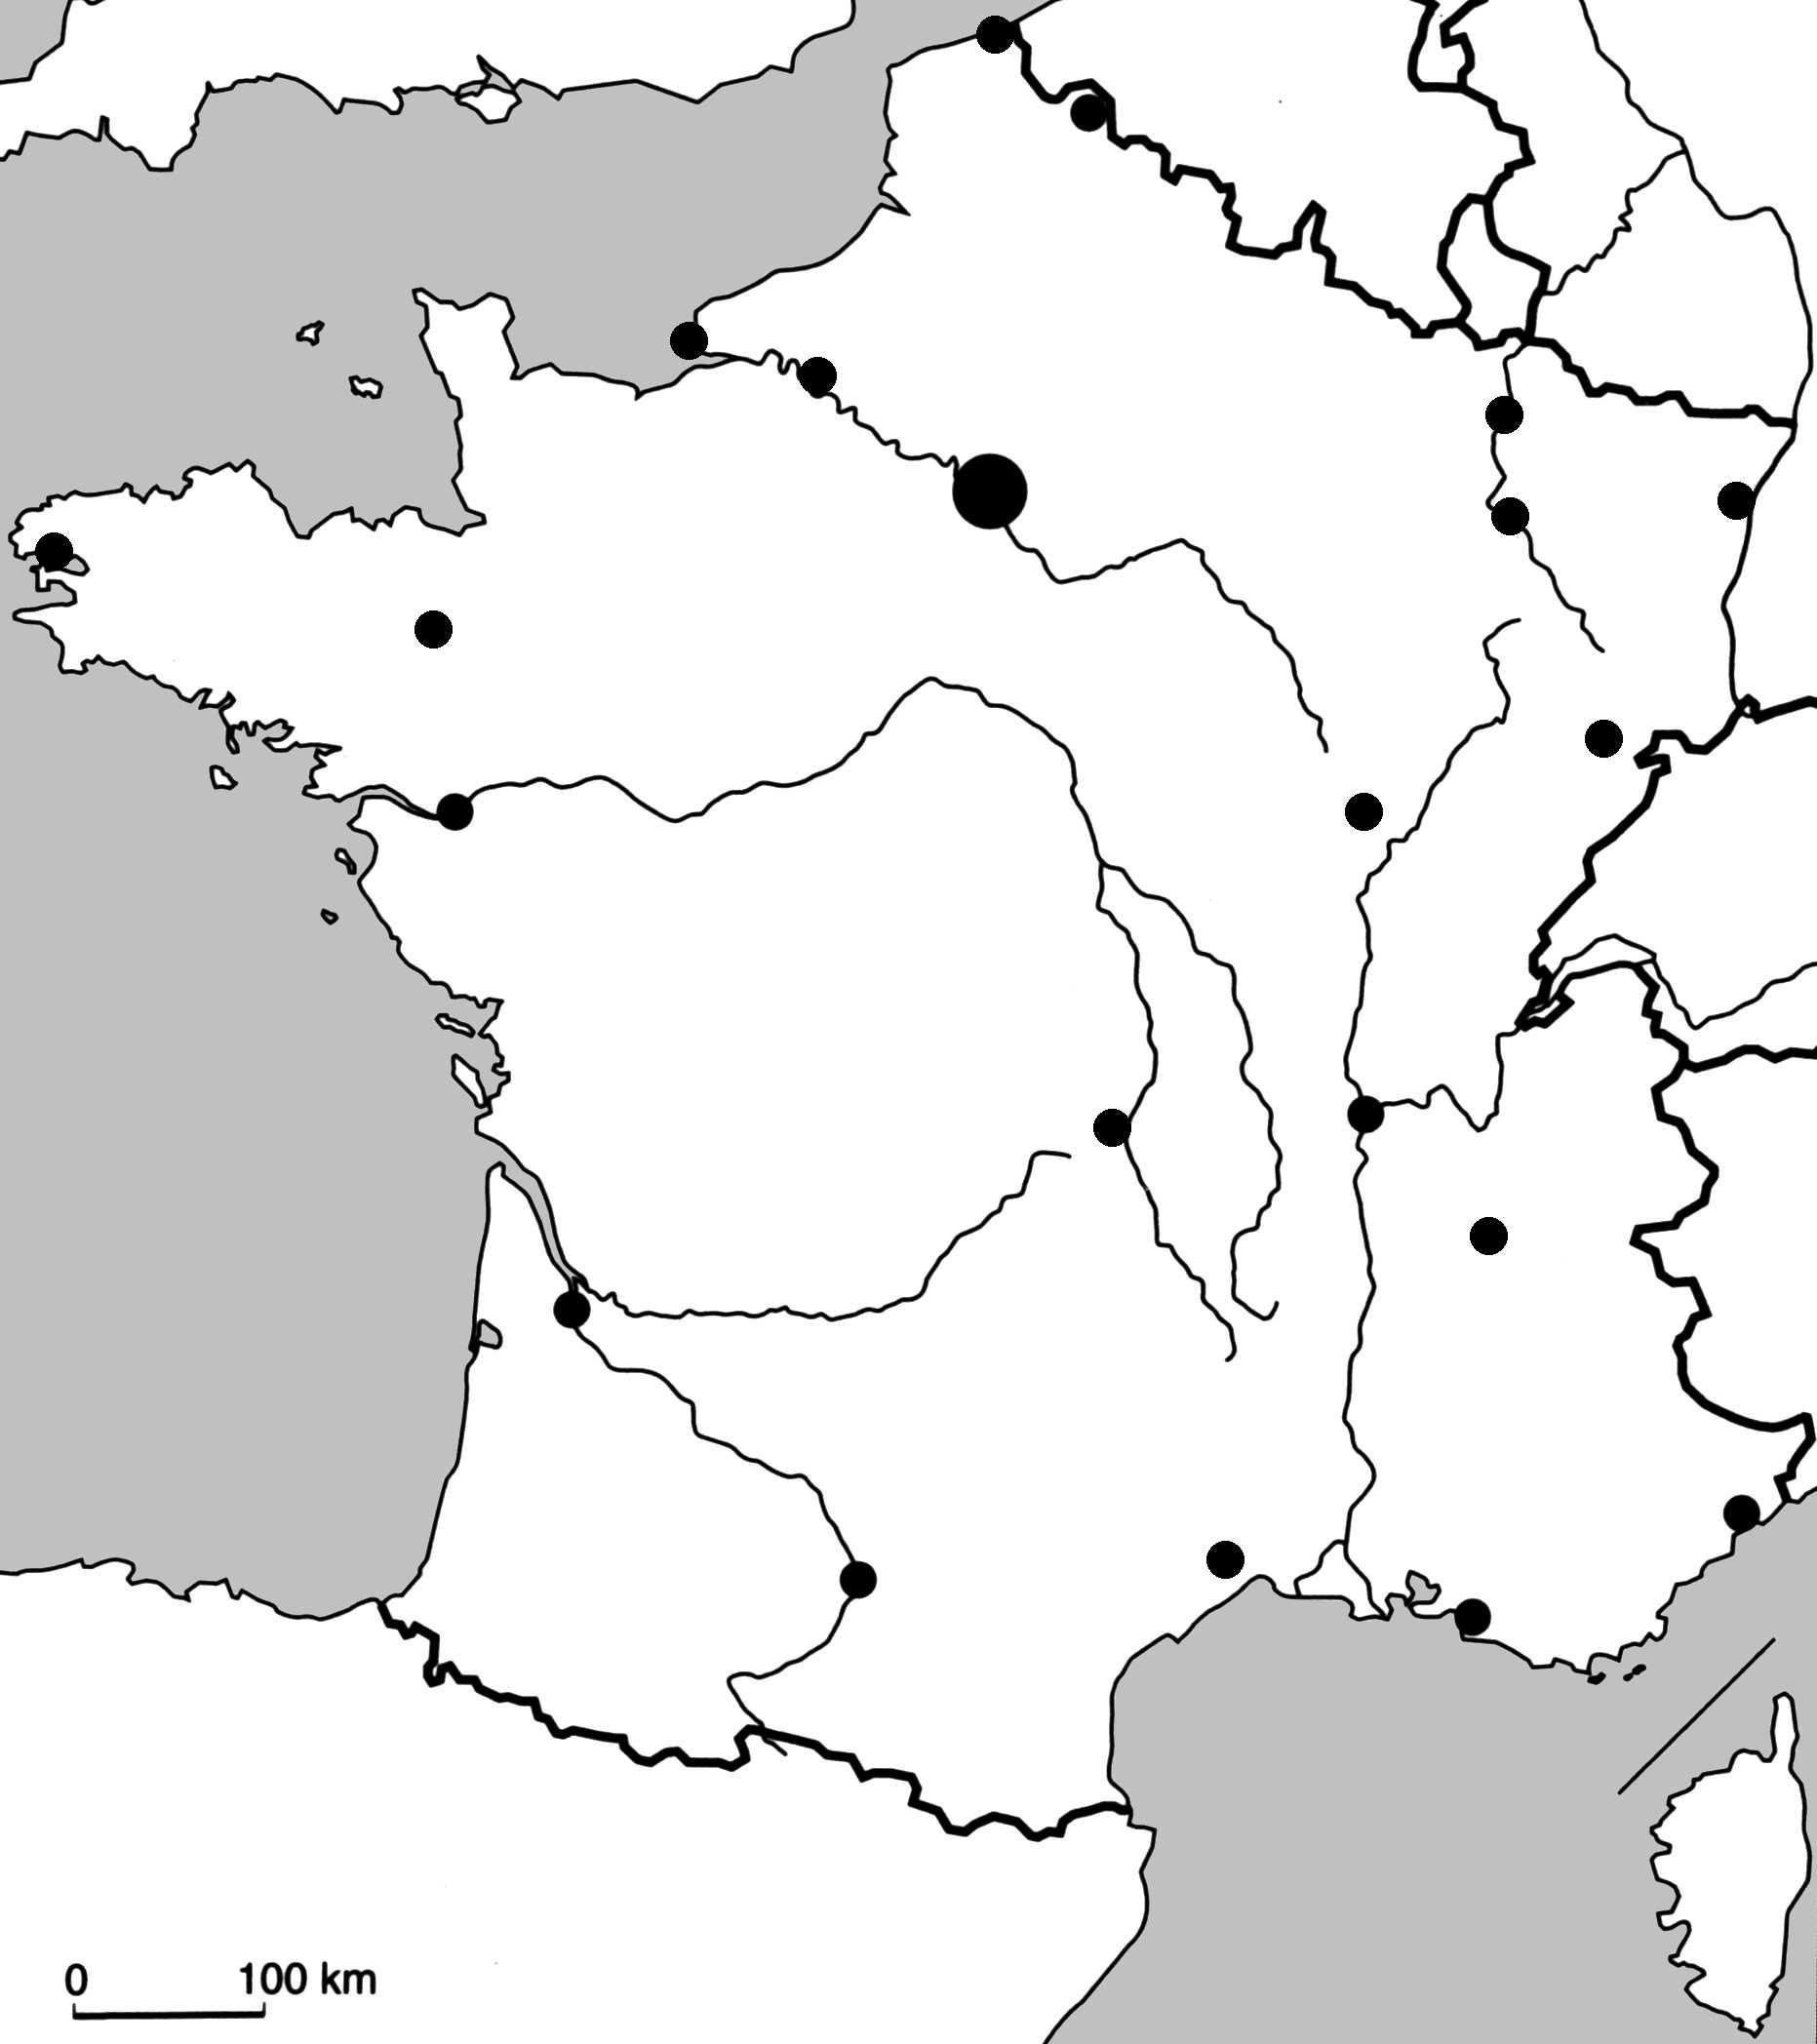 Afficher L'image D'origine | Carte France Vierge, Fleuve De tout Carte De France Avec Les Fleuves